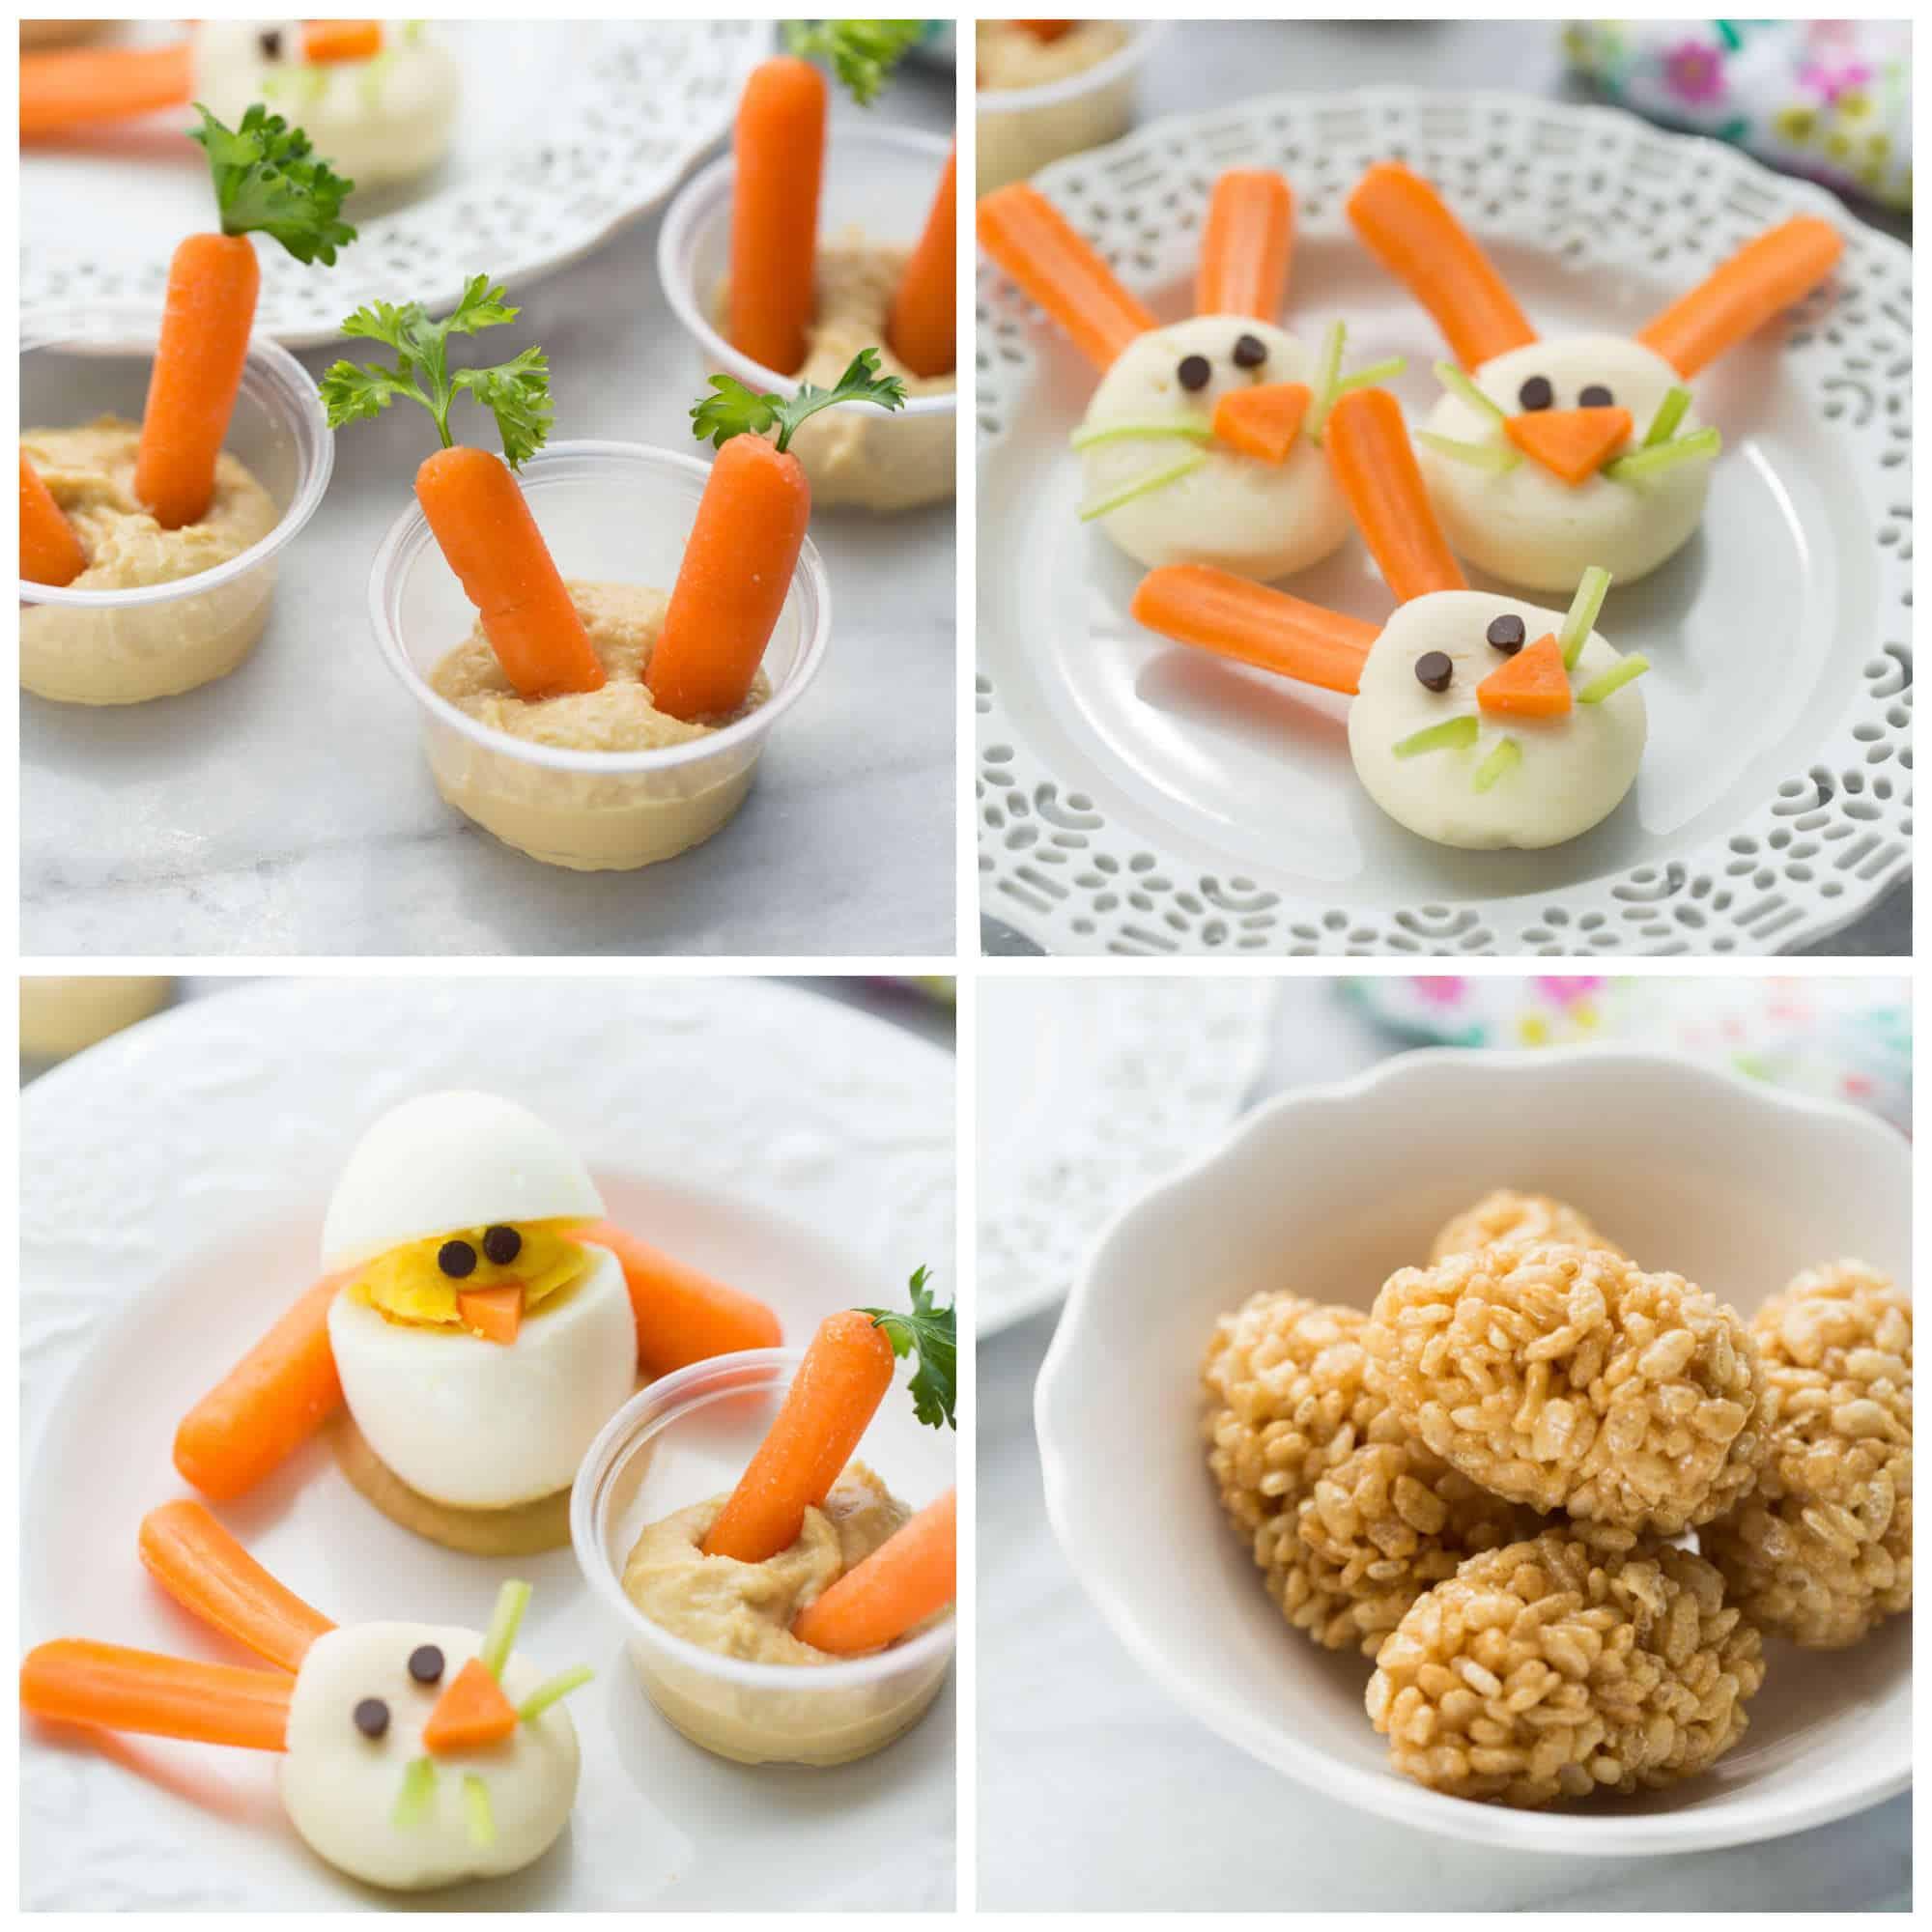 4 Healthy Kids Easter Snacks